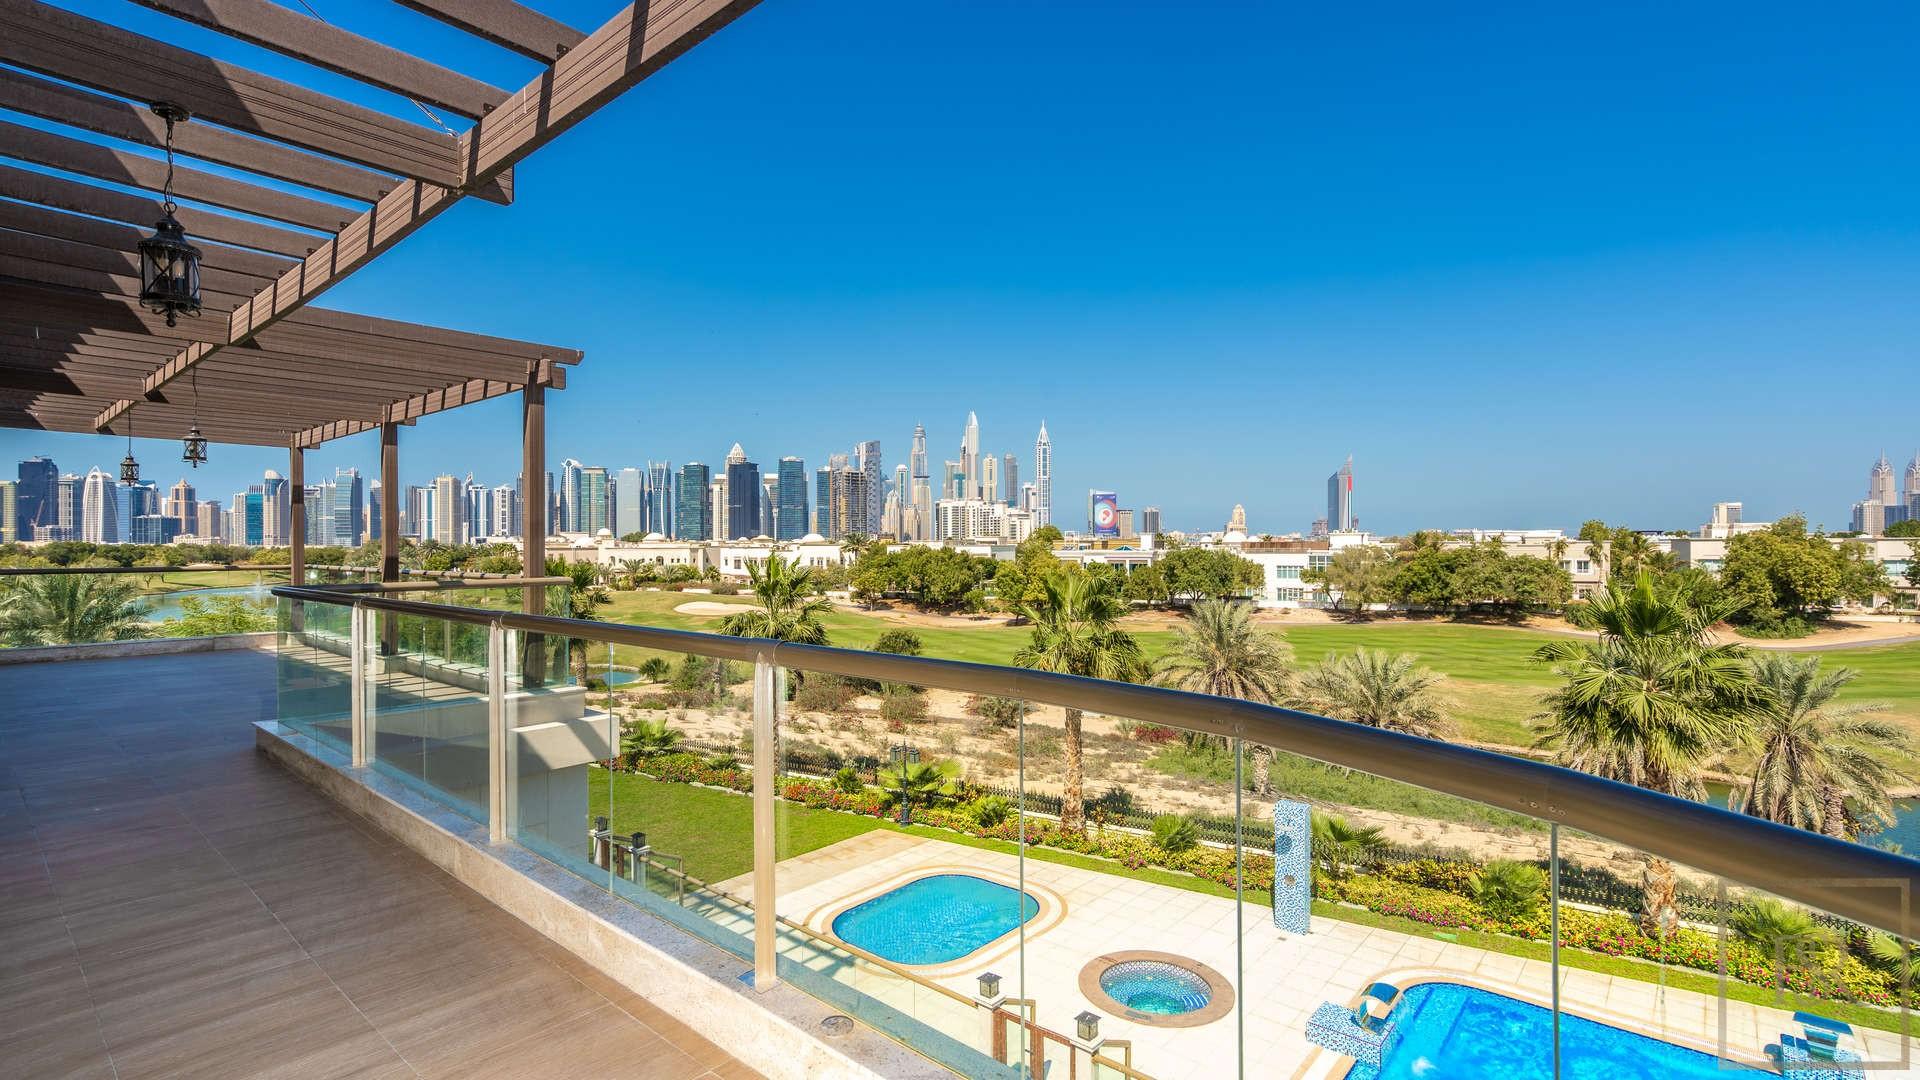 Villa L Sector - Emirates Hills, Dubai, UAE for sale For Super Rich